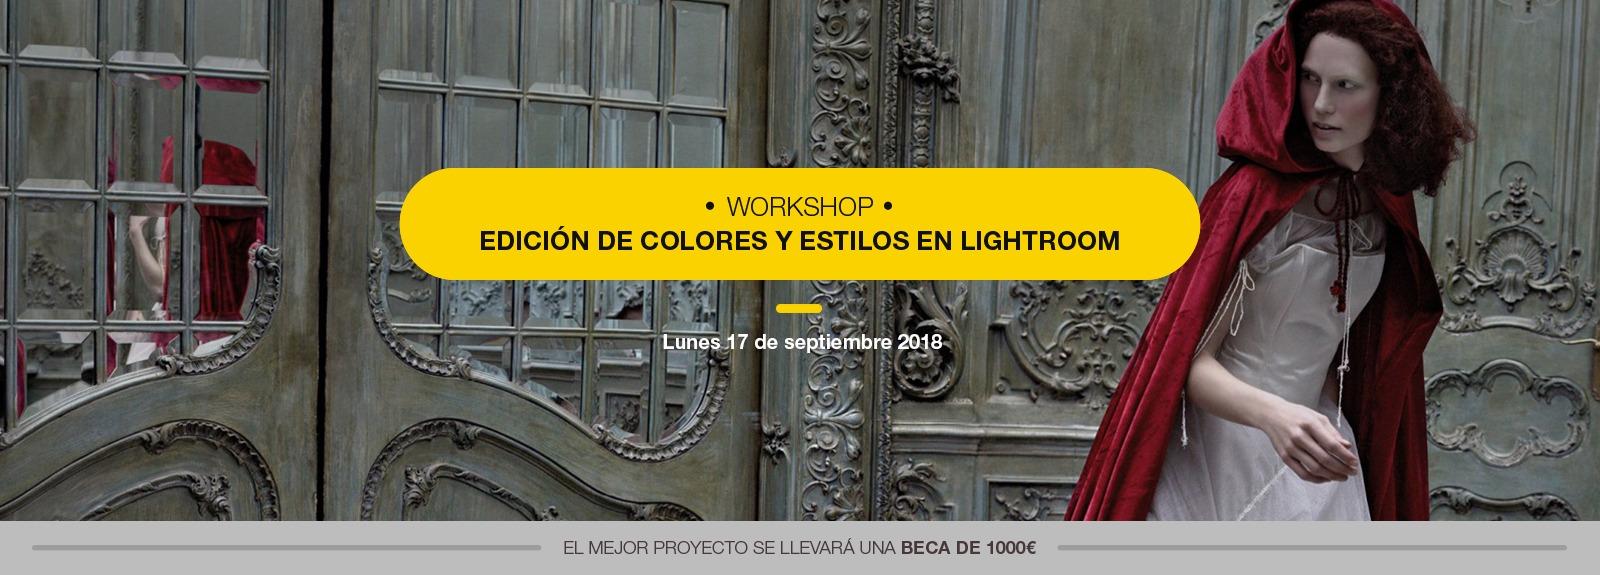 Lightroom-web-cabecera-1